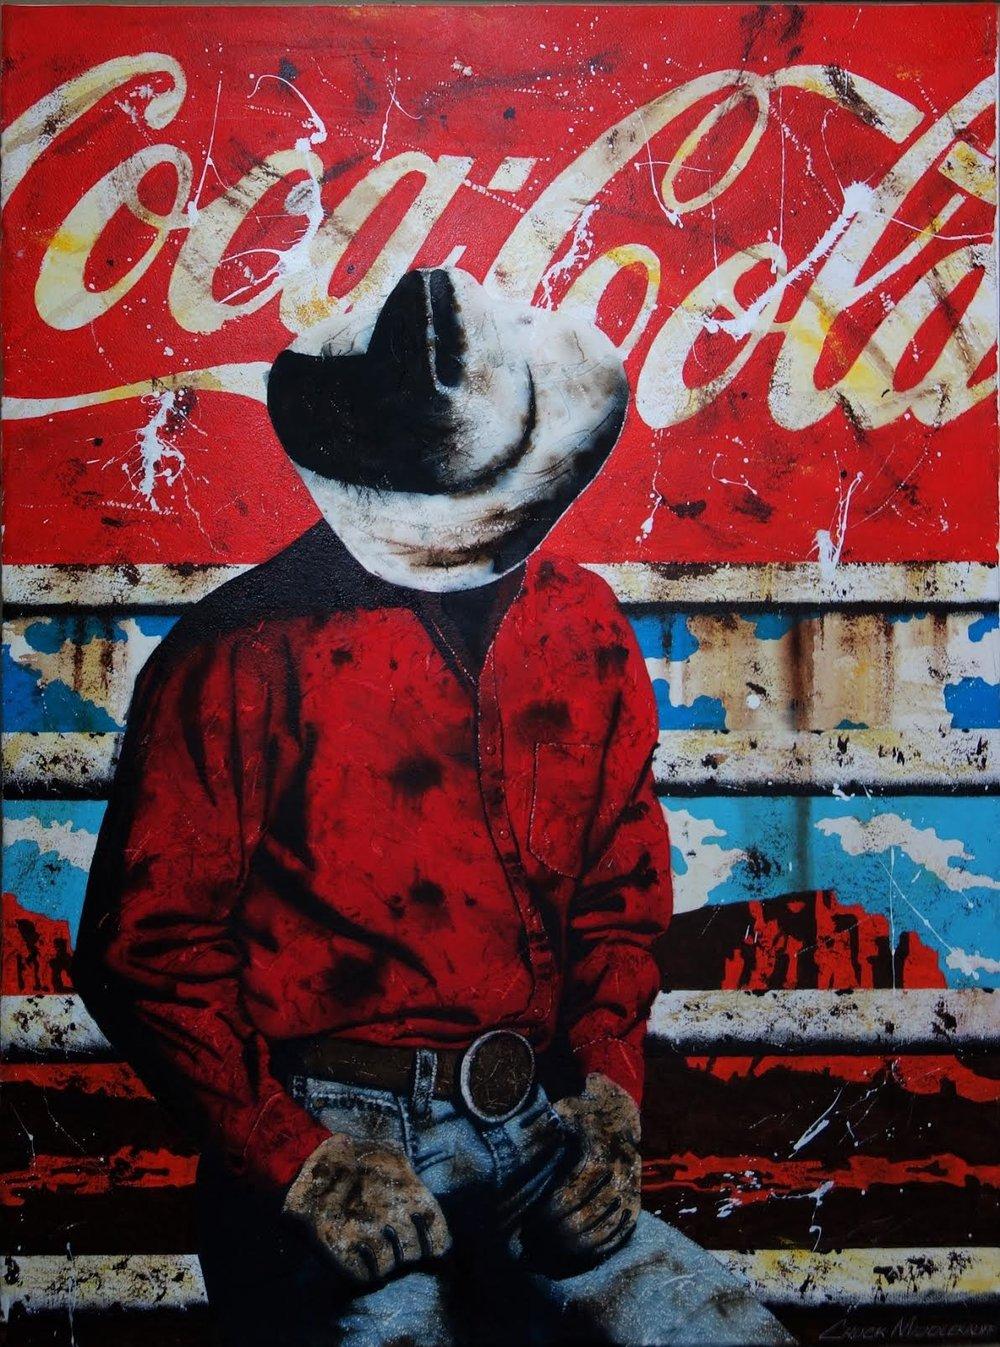 Coco Cola Cowboy, 40 x 30,Watercolor and Acrylic $3,550